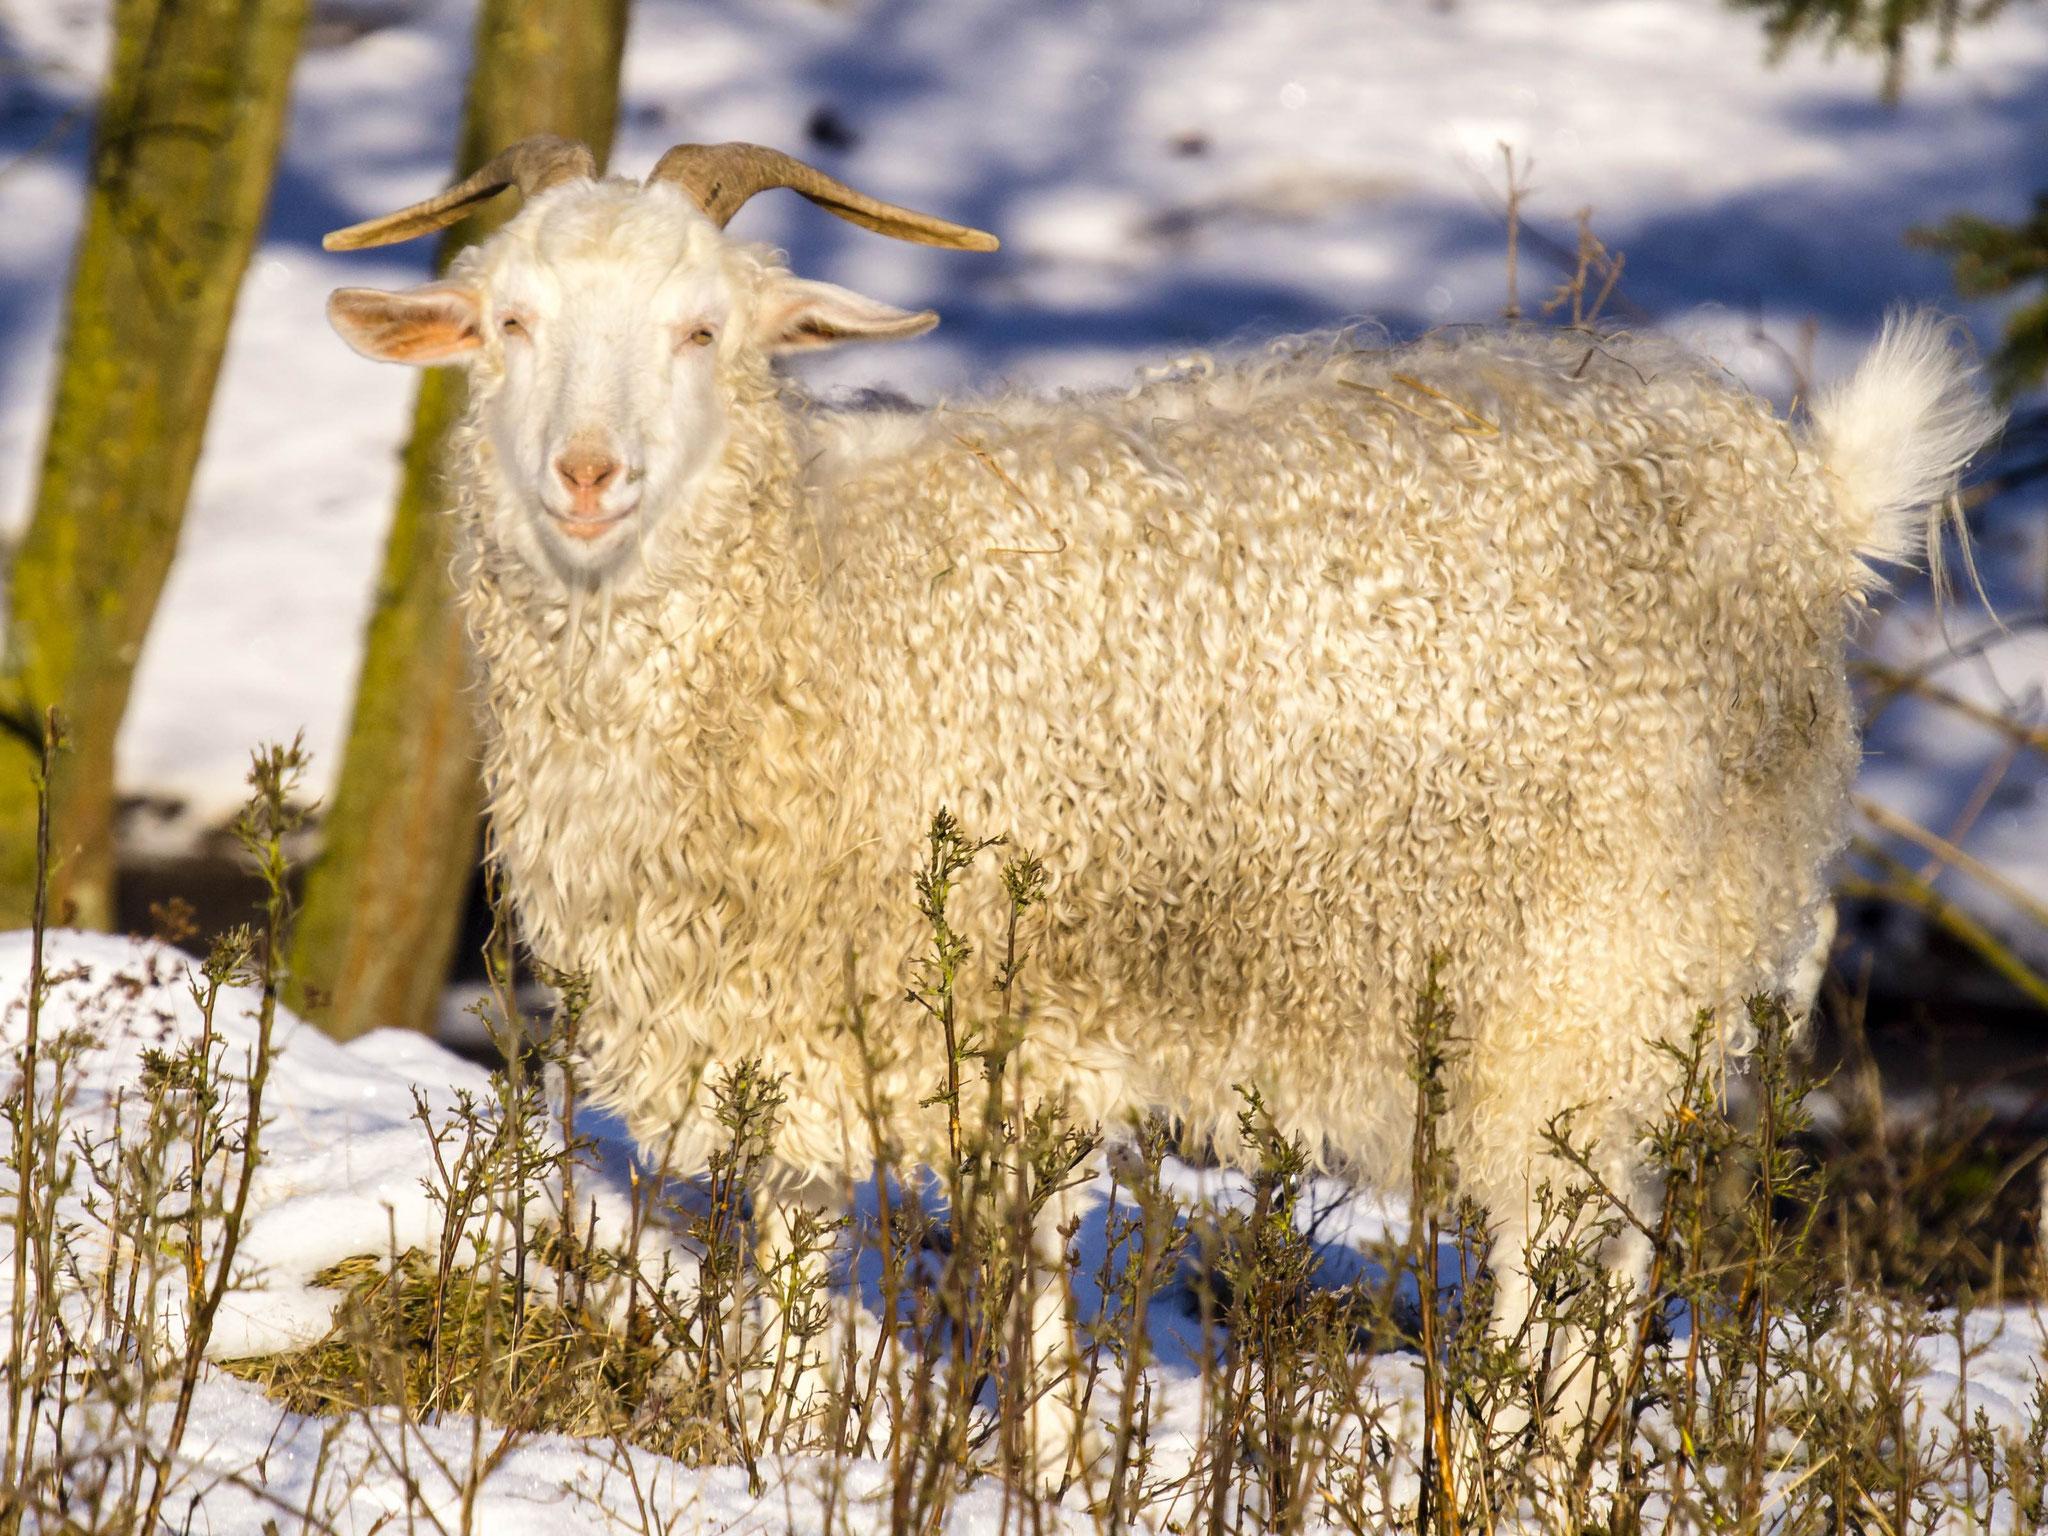 Auch diese Angora-Ziege fühlt sich im Winter draußen wohl.